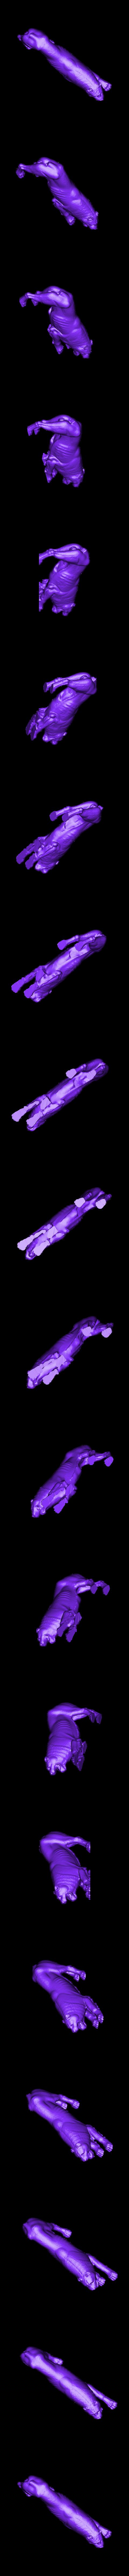 marblelion.stl Télécharger fichier STL gratuit Statue de lion en marbre • Objet pour imprimante 3D, metmuseum